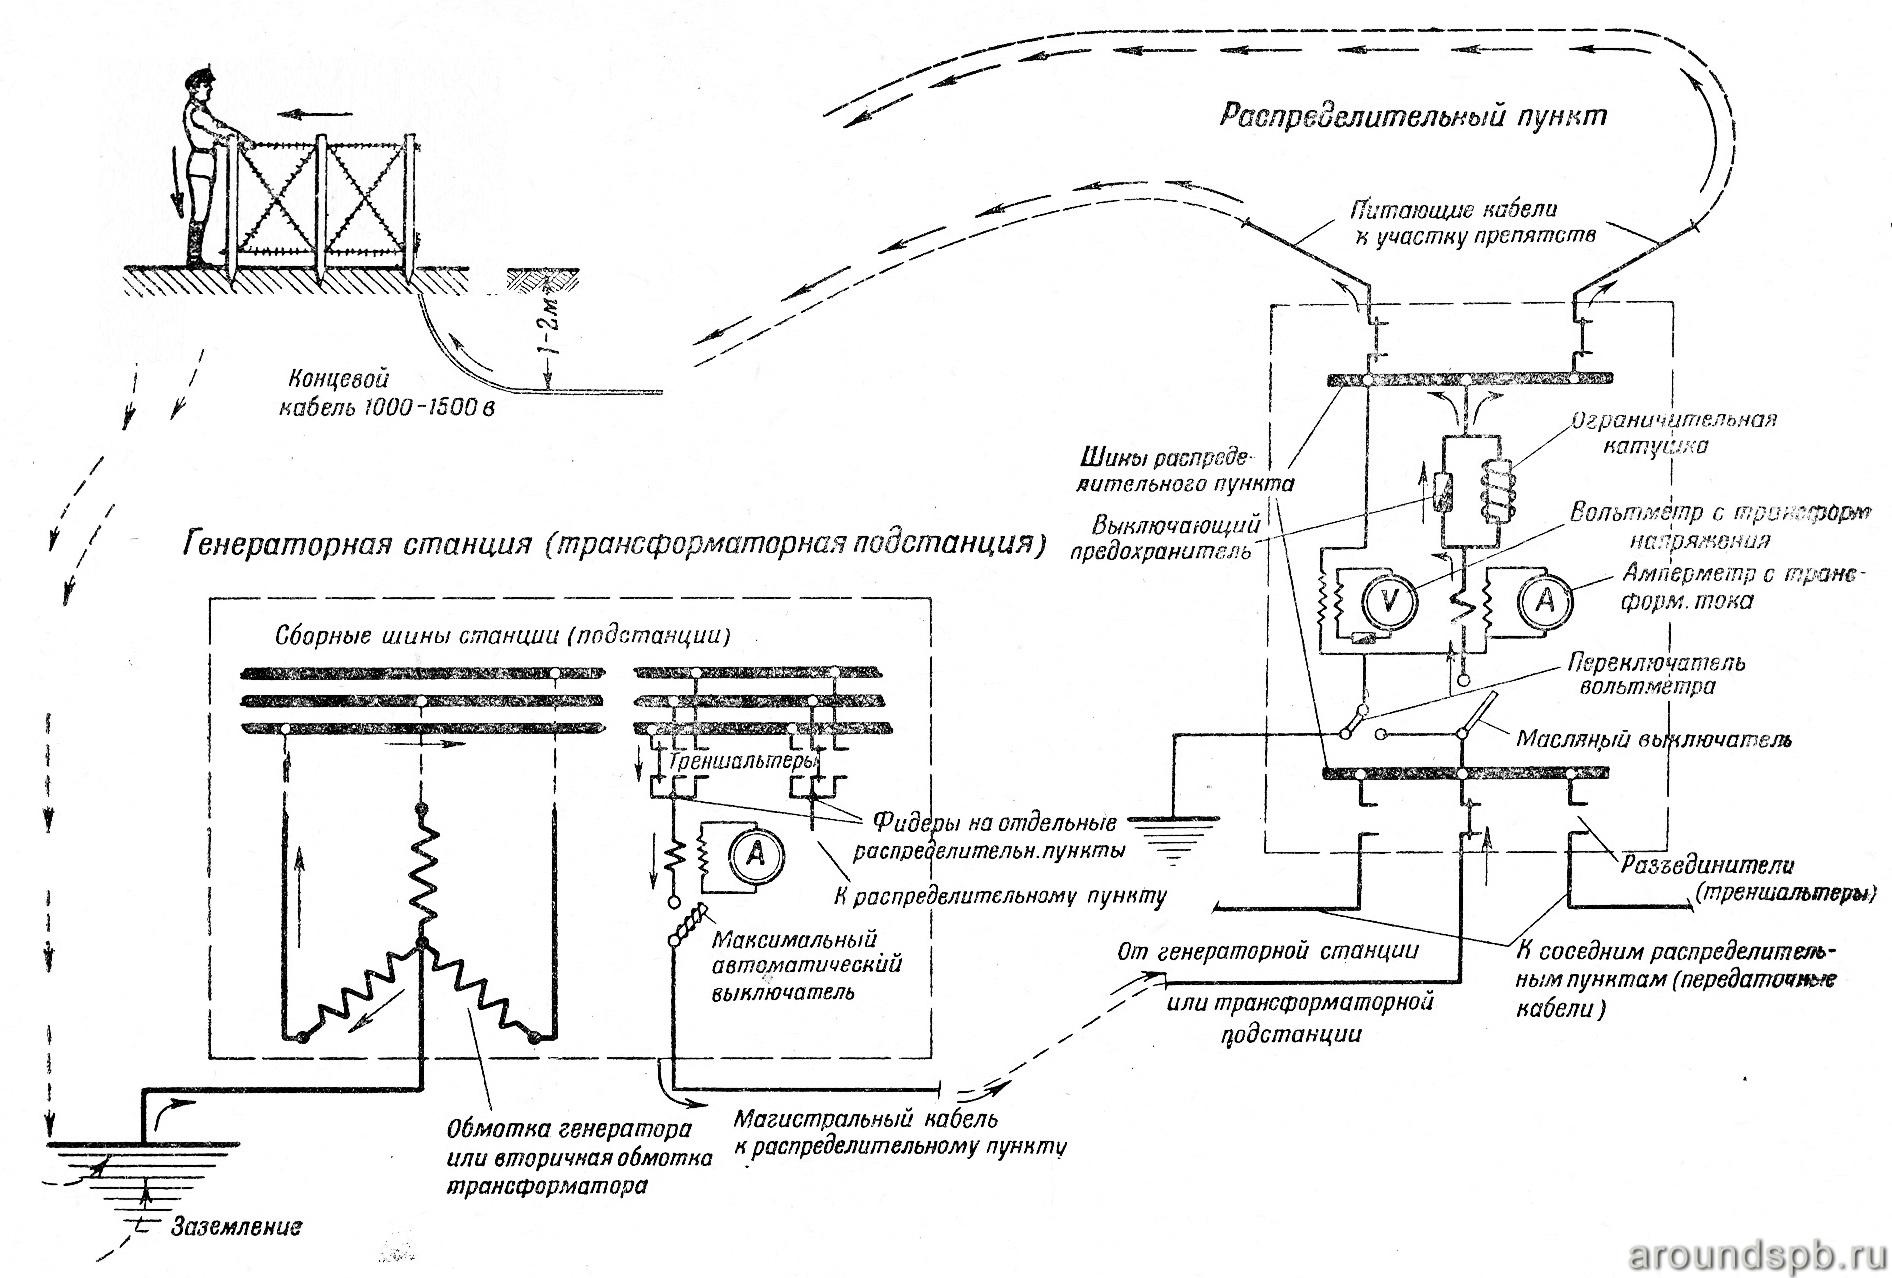 Коммутационная схема электрозаграждений